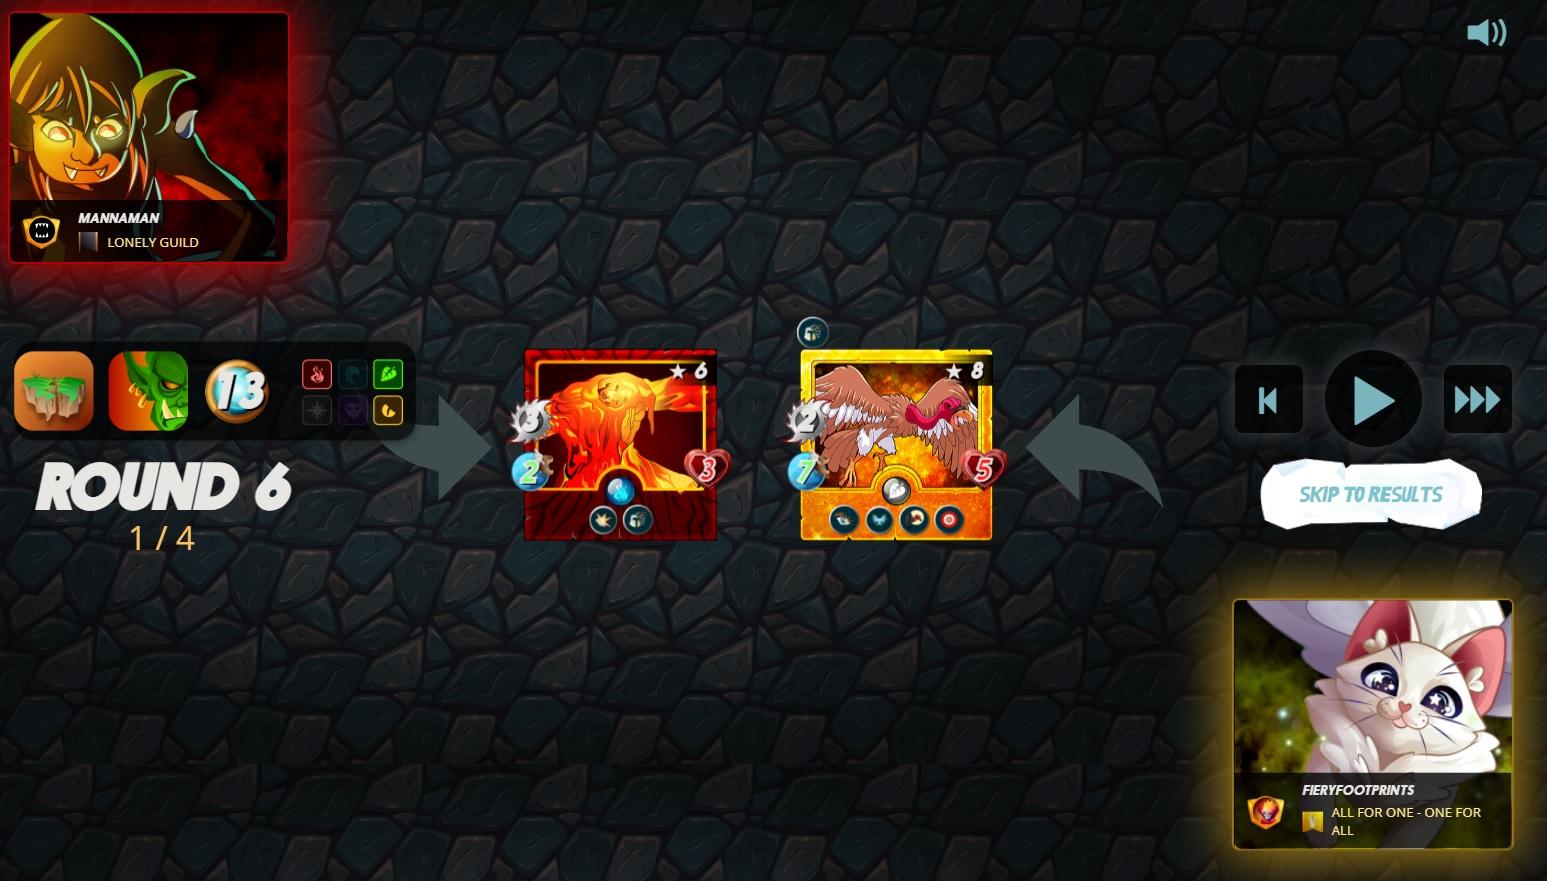 battle round 6.jpg